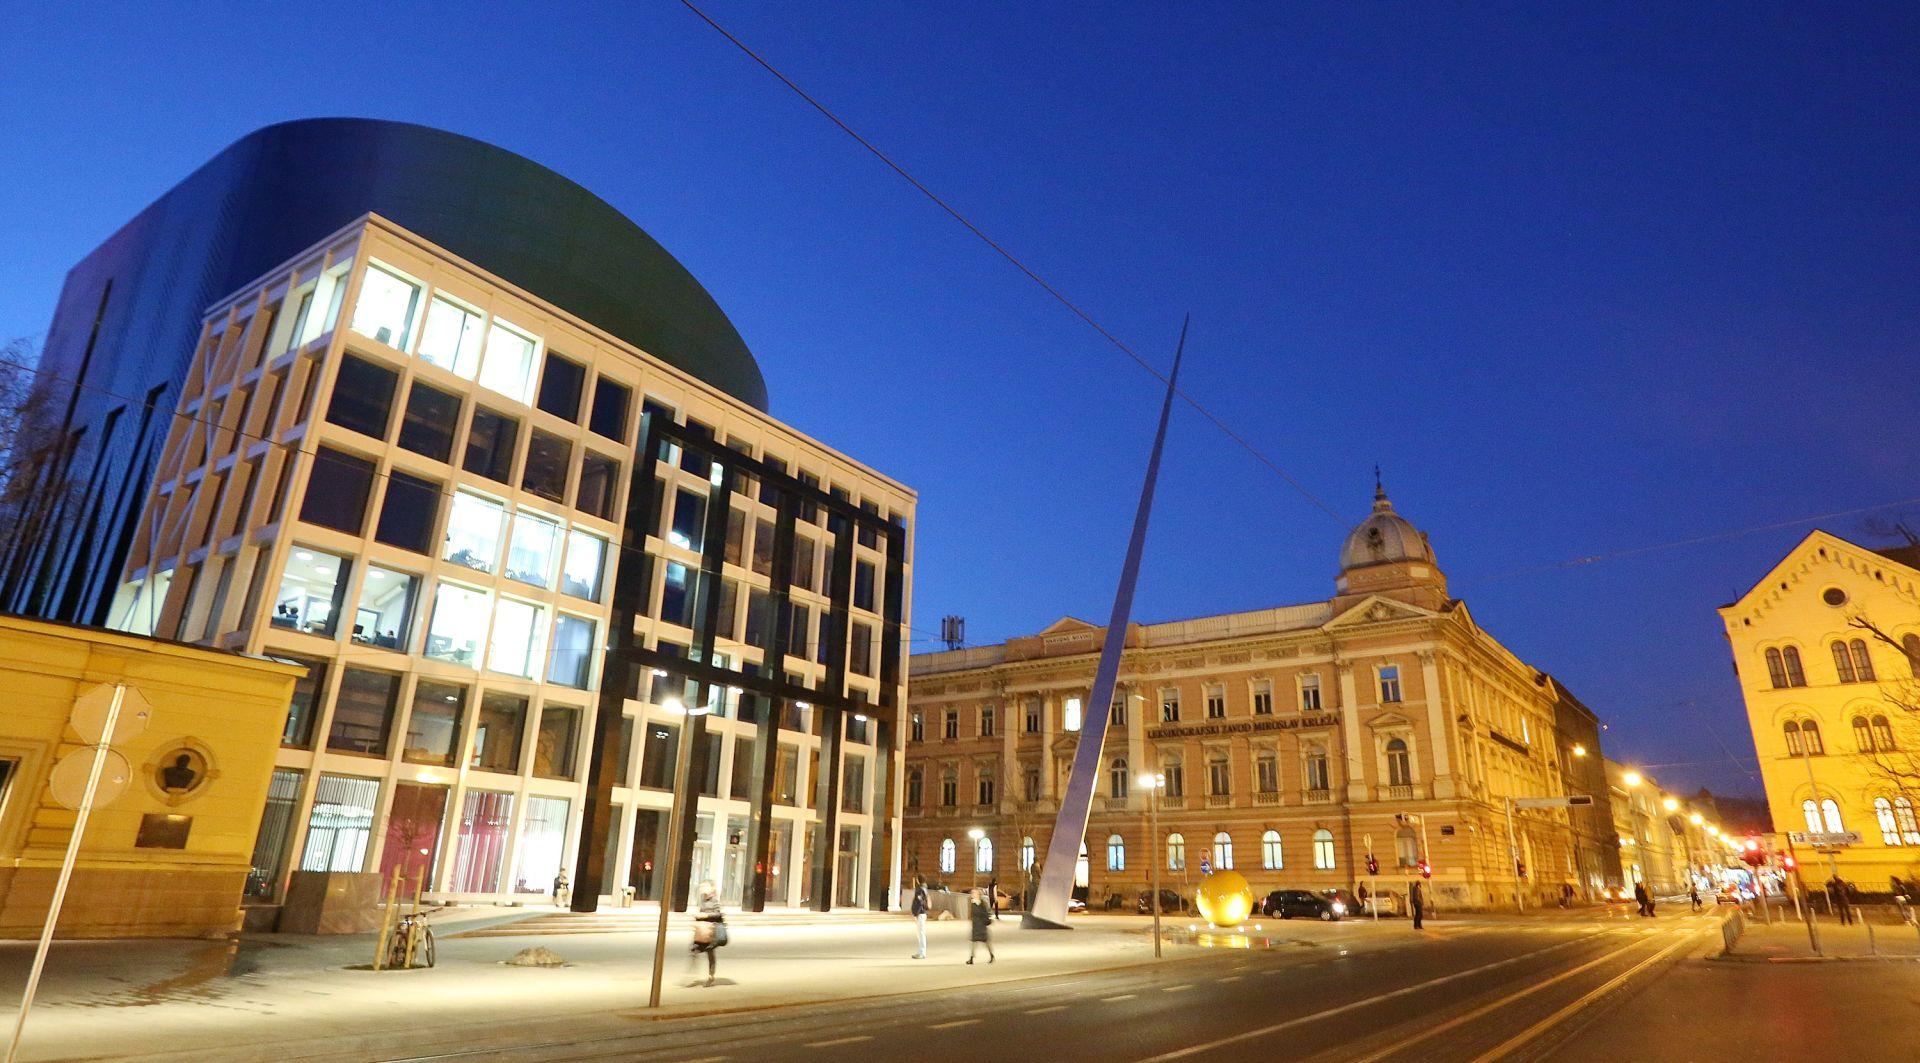 Koncertna dvorana Muzičke akademije u Zagrebu otvara se 12. siječnja